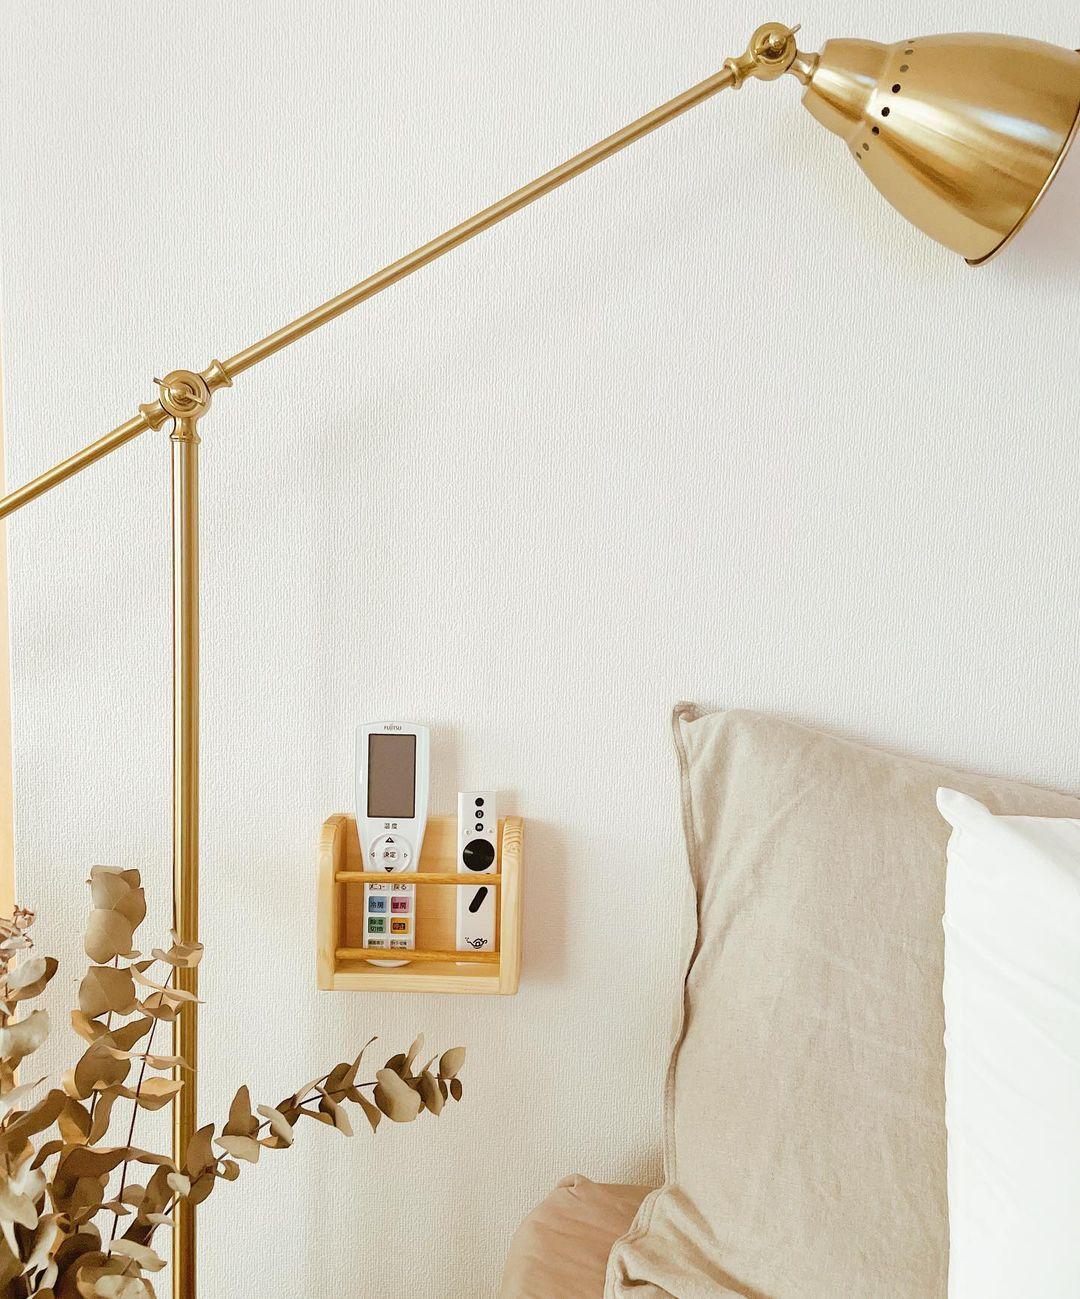 「ちょっとしたものの置き場」も色々工夫。寝る前に使うリモコン類は、枕元に専用の置き場所を用意。